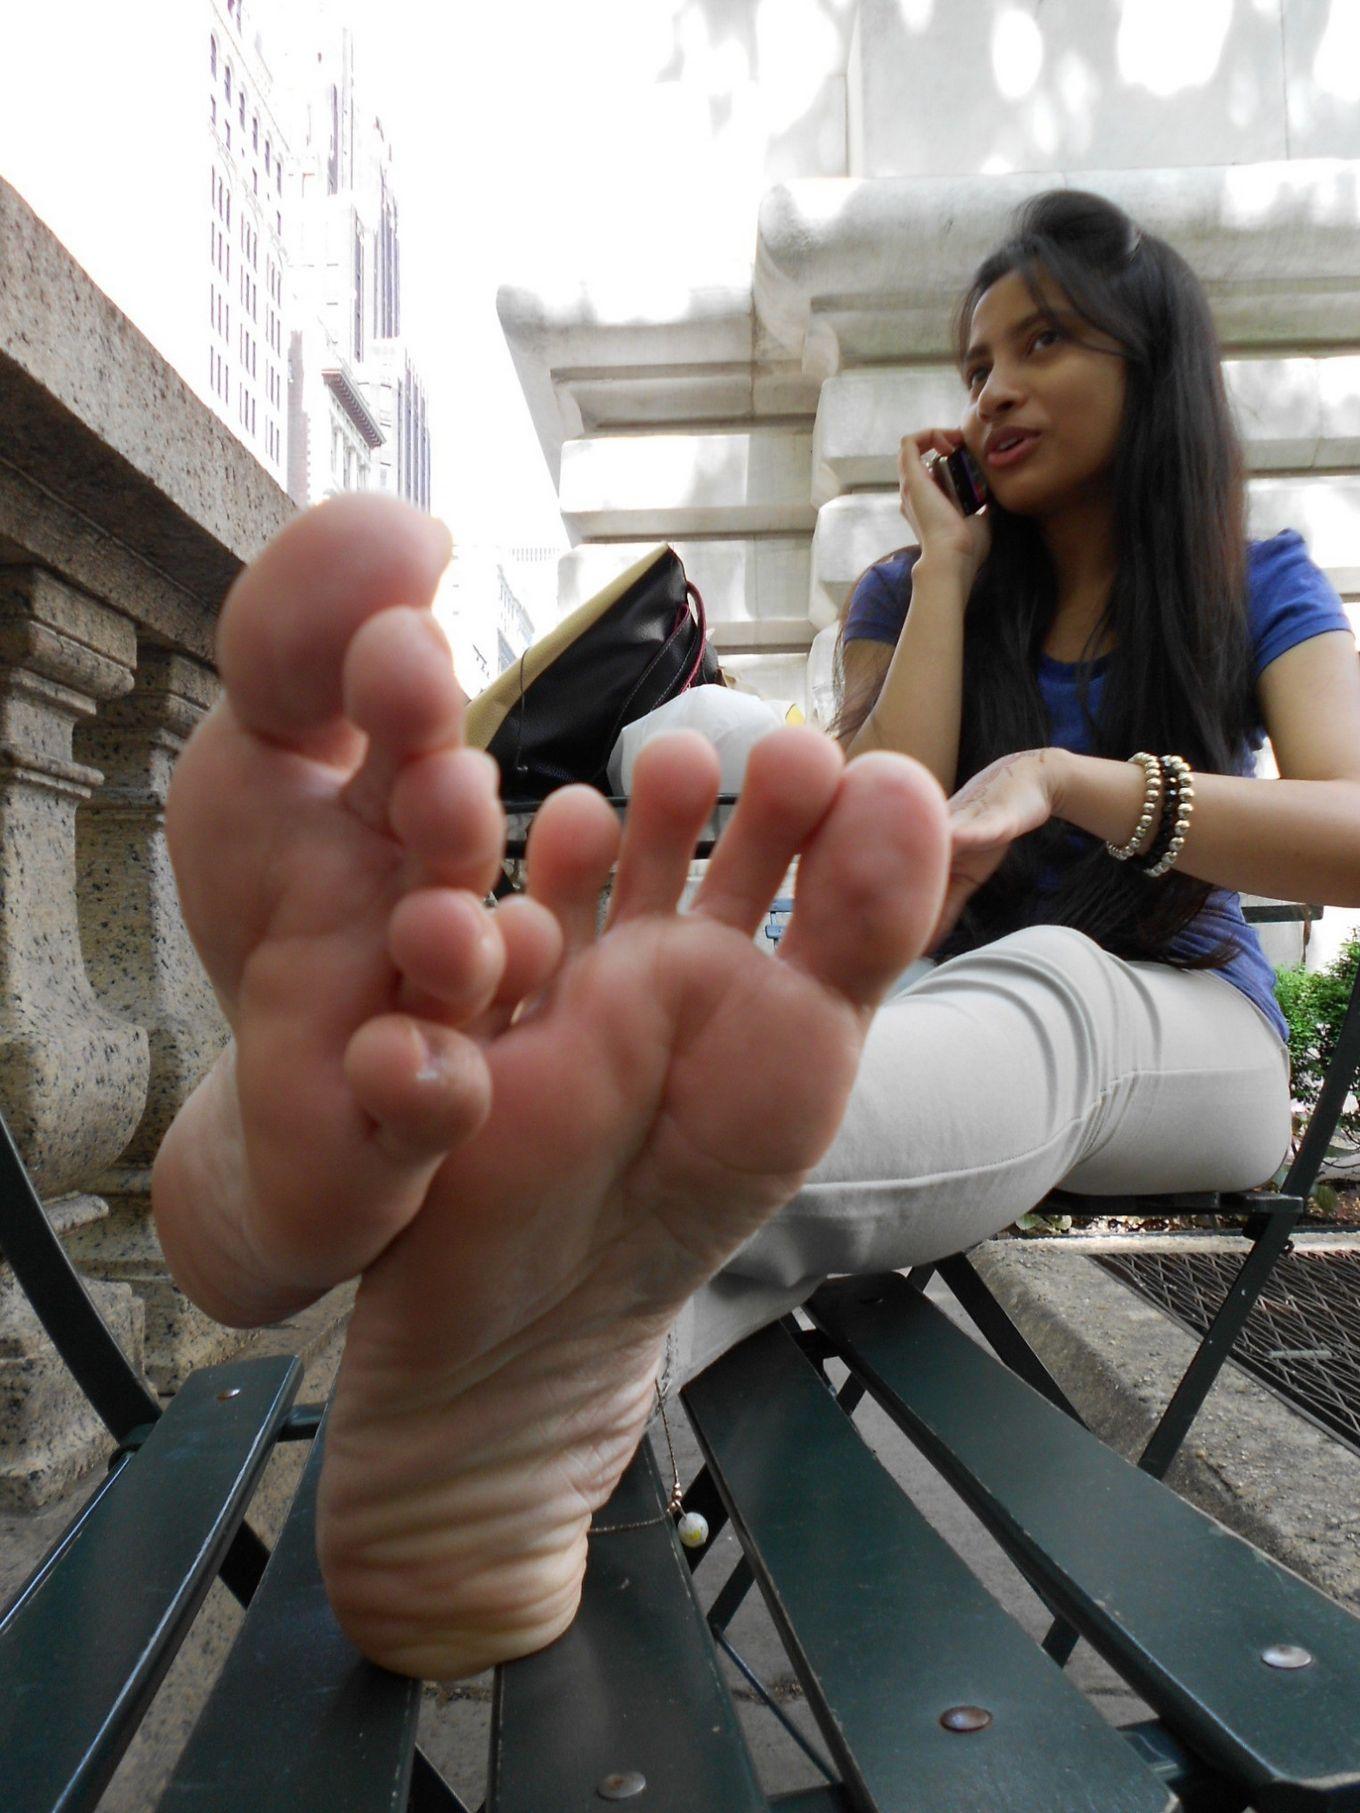 Ступни ног индианки